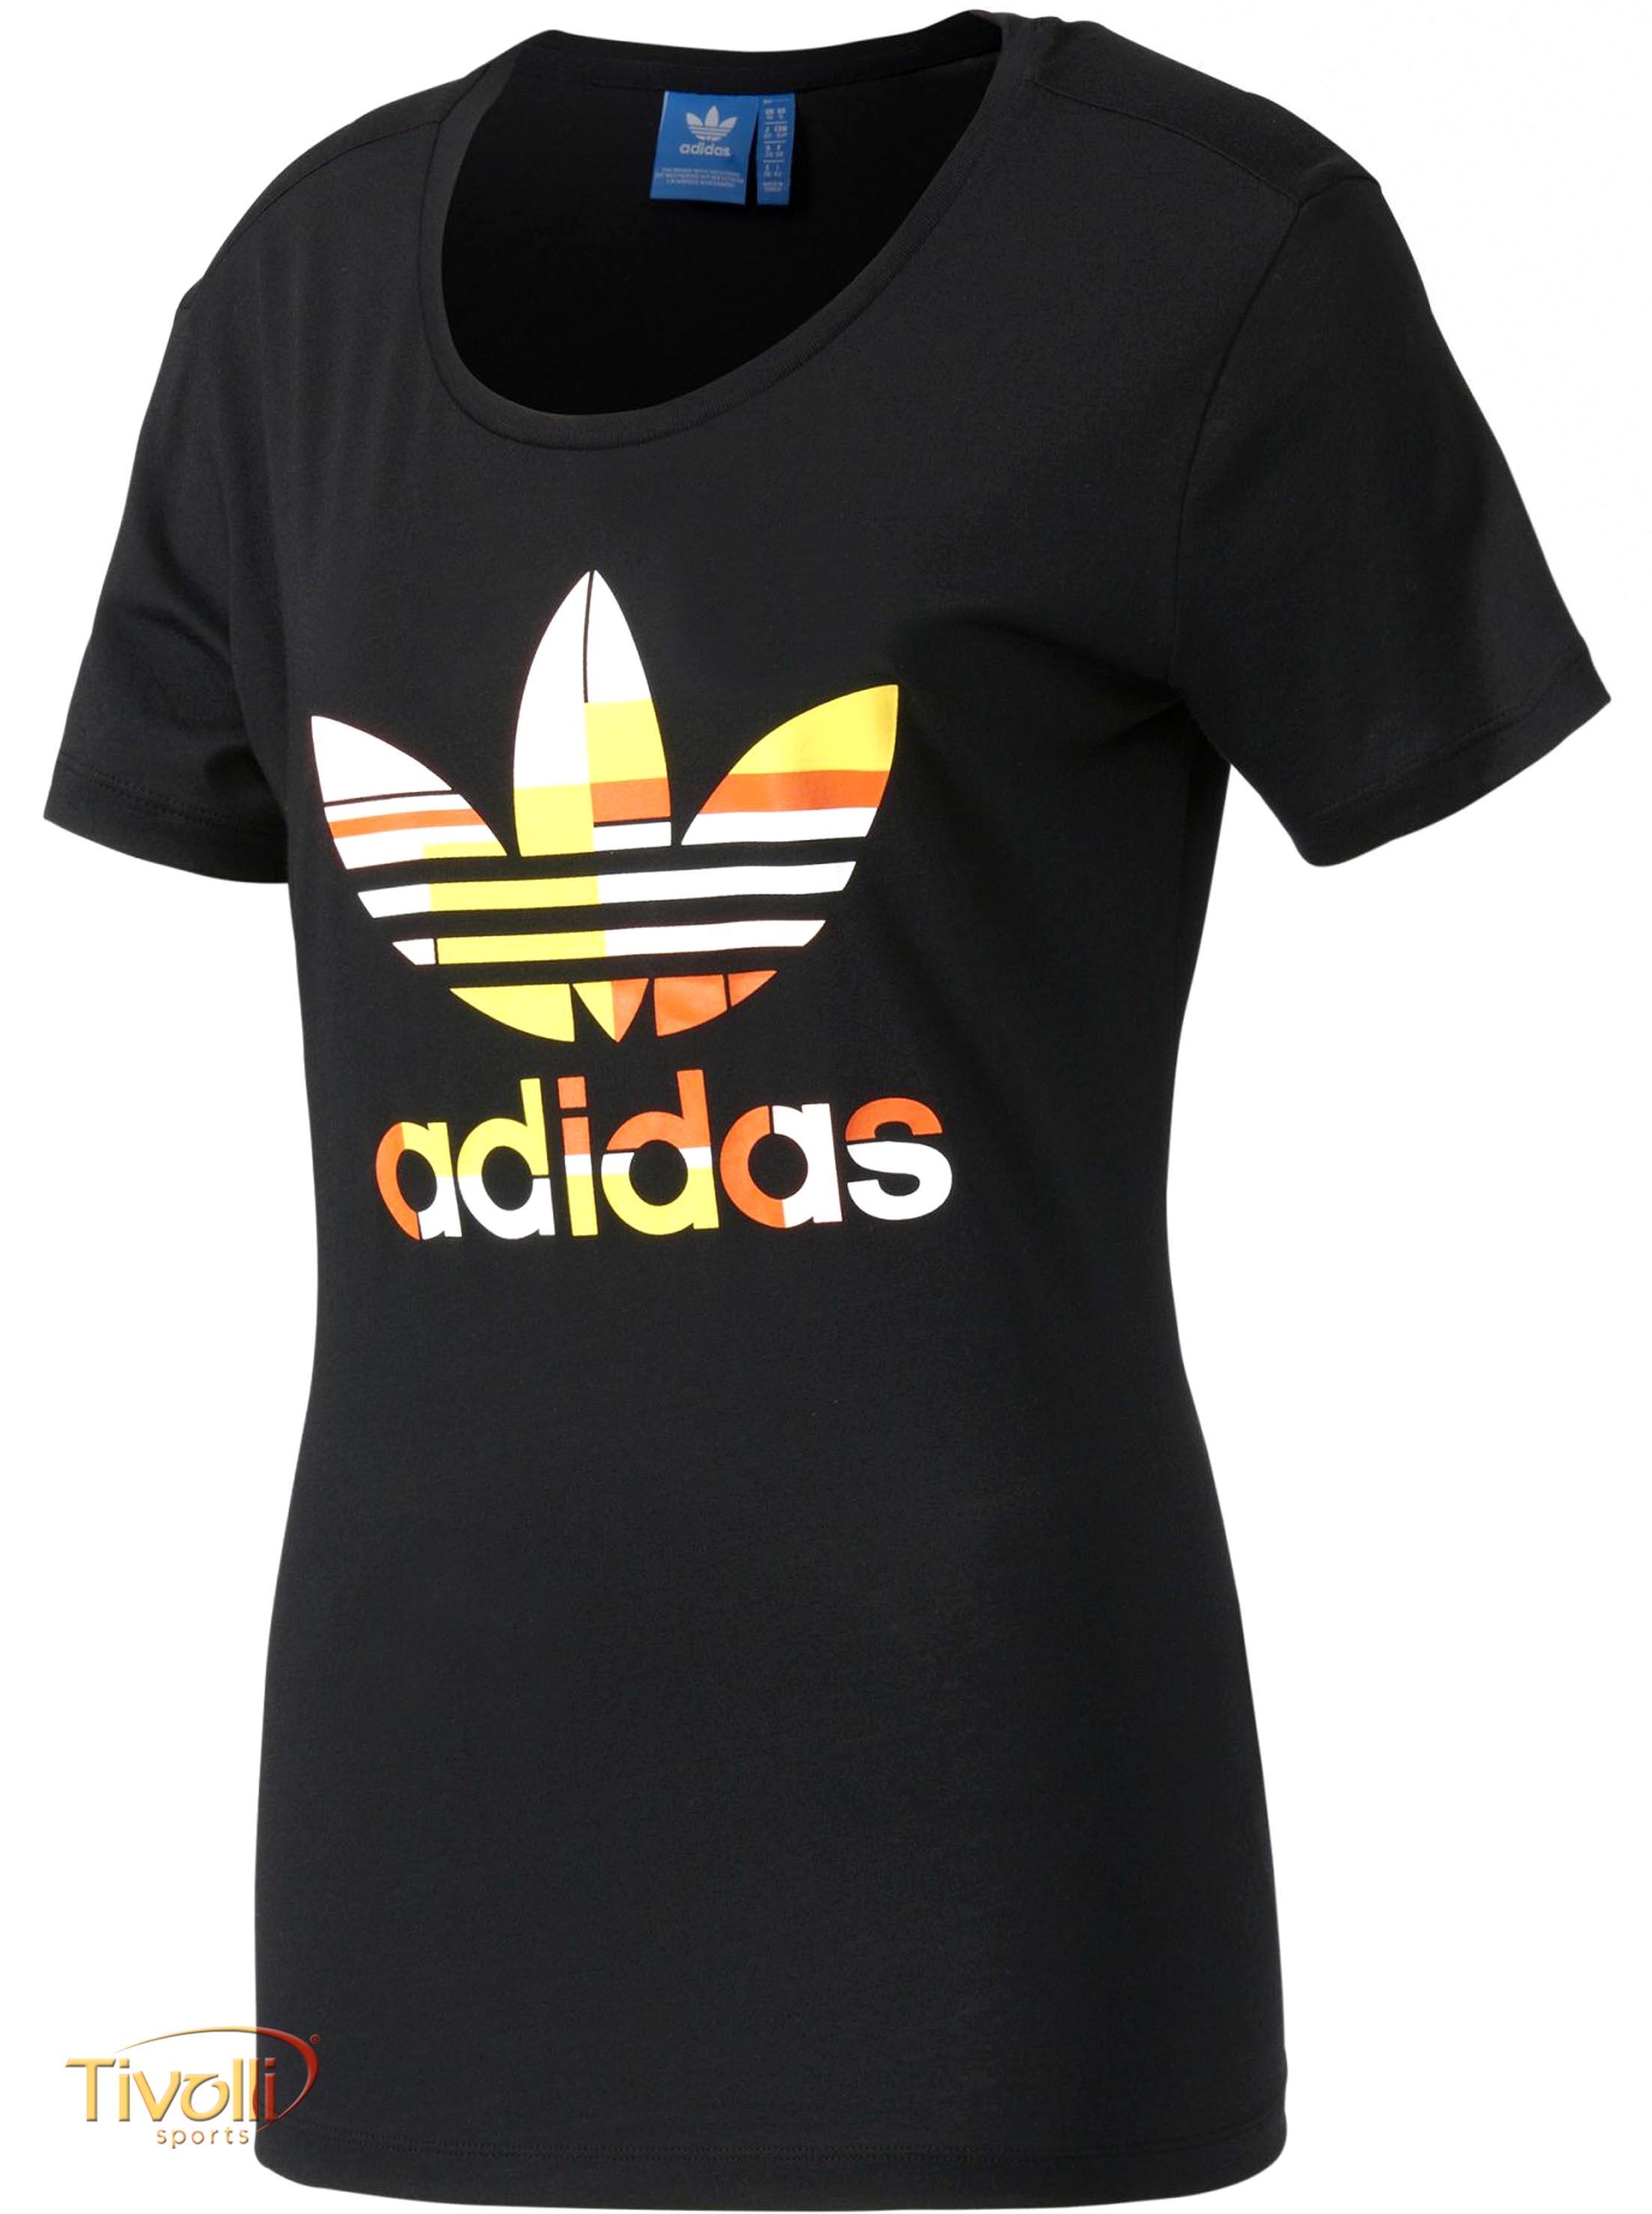 f16e70cfde6 Raquete Mania   Camiseta Adidas Graphic Trefoil   Feminina Preta ...